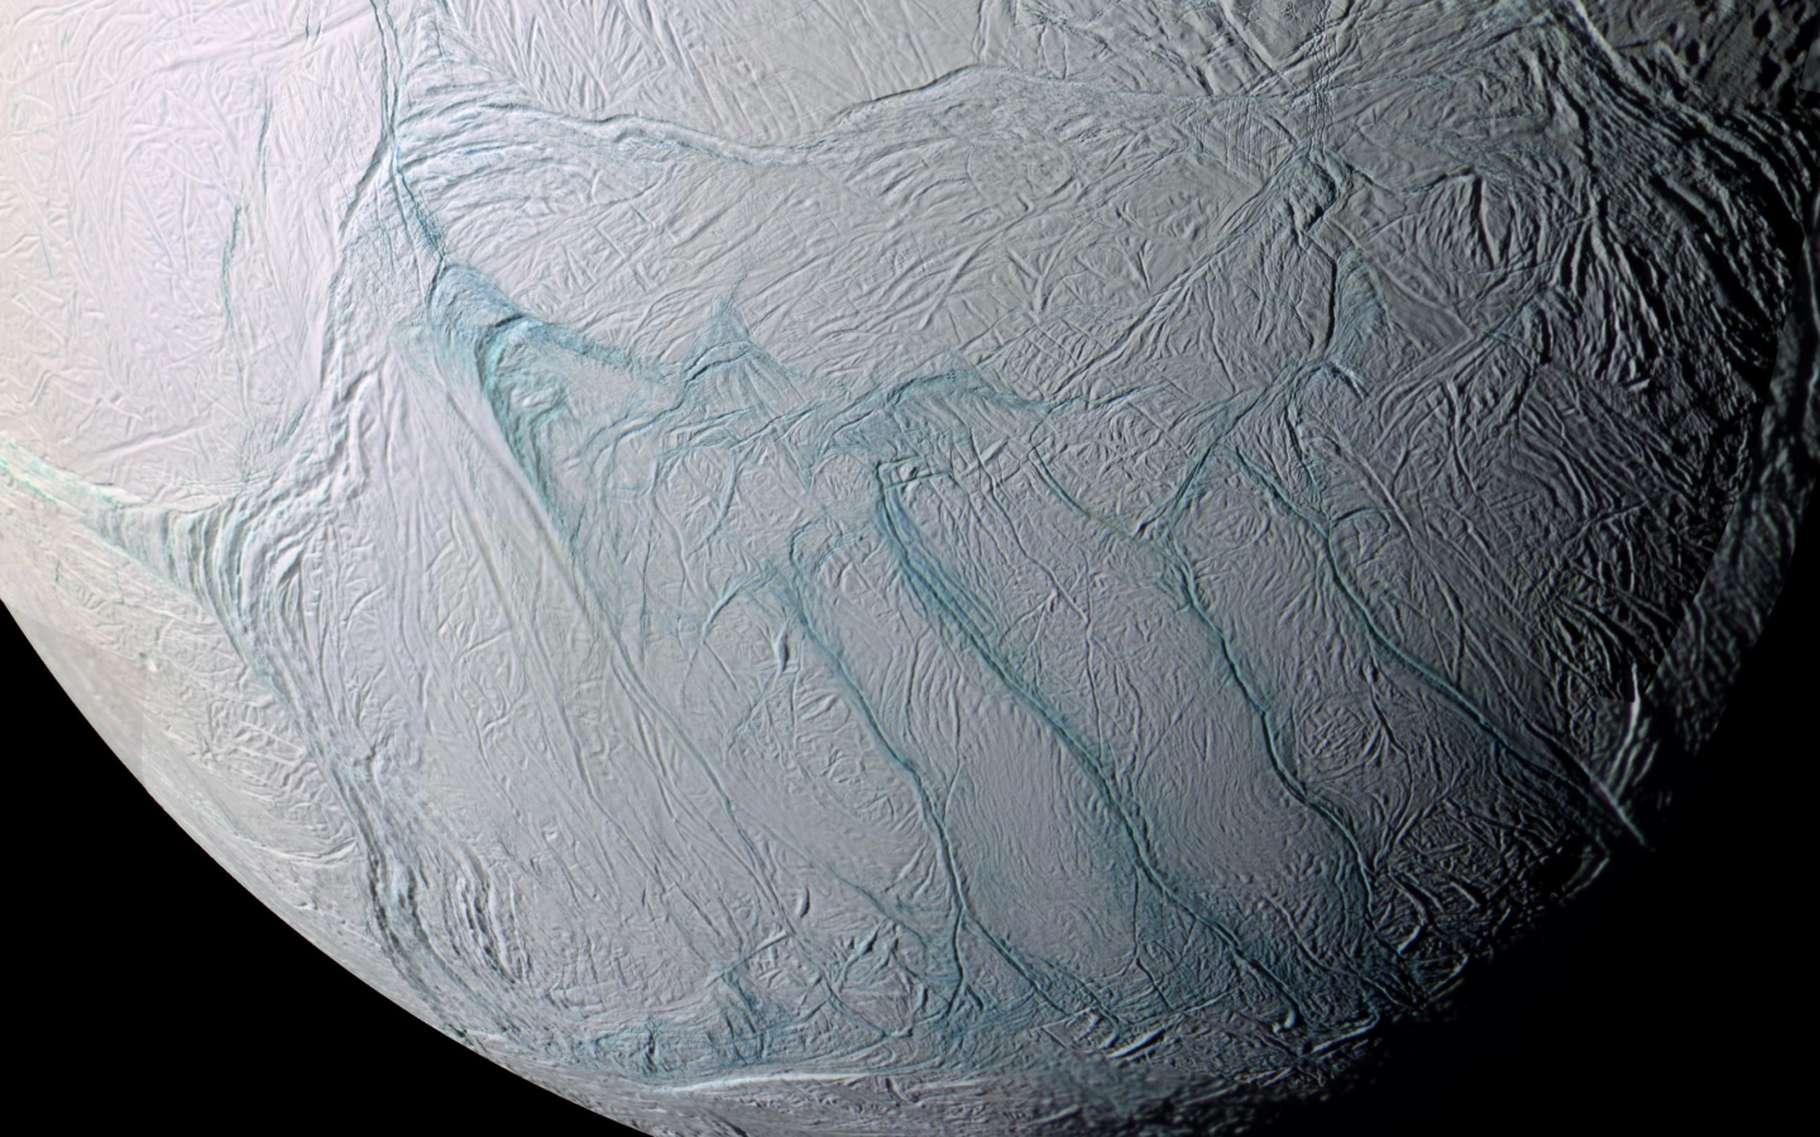 Un océan se cache-t-il sous la surface gelée d'Encelade, l'un des satellites naturels de Saturne, plus petit que la France ? Image composite prise en 2005 par Cassini entre 61.300 et 11.100 km de la surface. Les « rayures du tigre » sont visibles dans la région du pôle sud, en bas de ce portrait. © Nasa, JPL, Space Science Institute